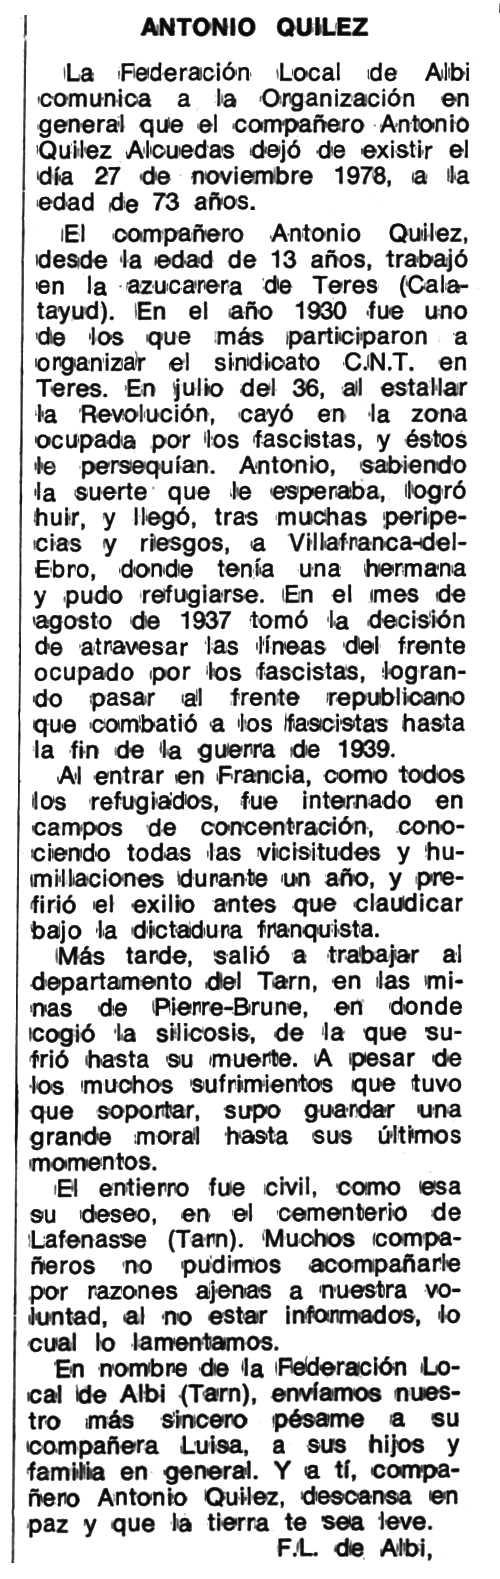 """Necrològica d'Antonio Quílez Alcuedas apareguda en el periòdic tolosà """"Espoir"""" del 21 de març de 1979"""